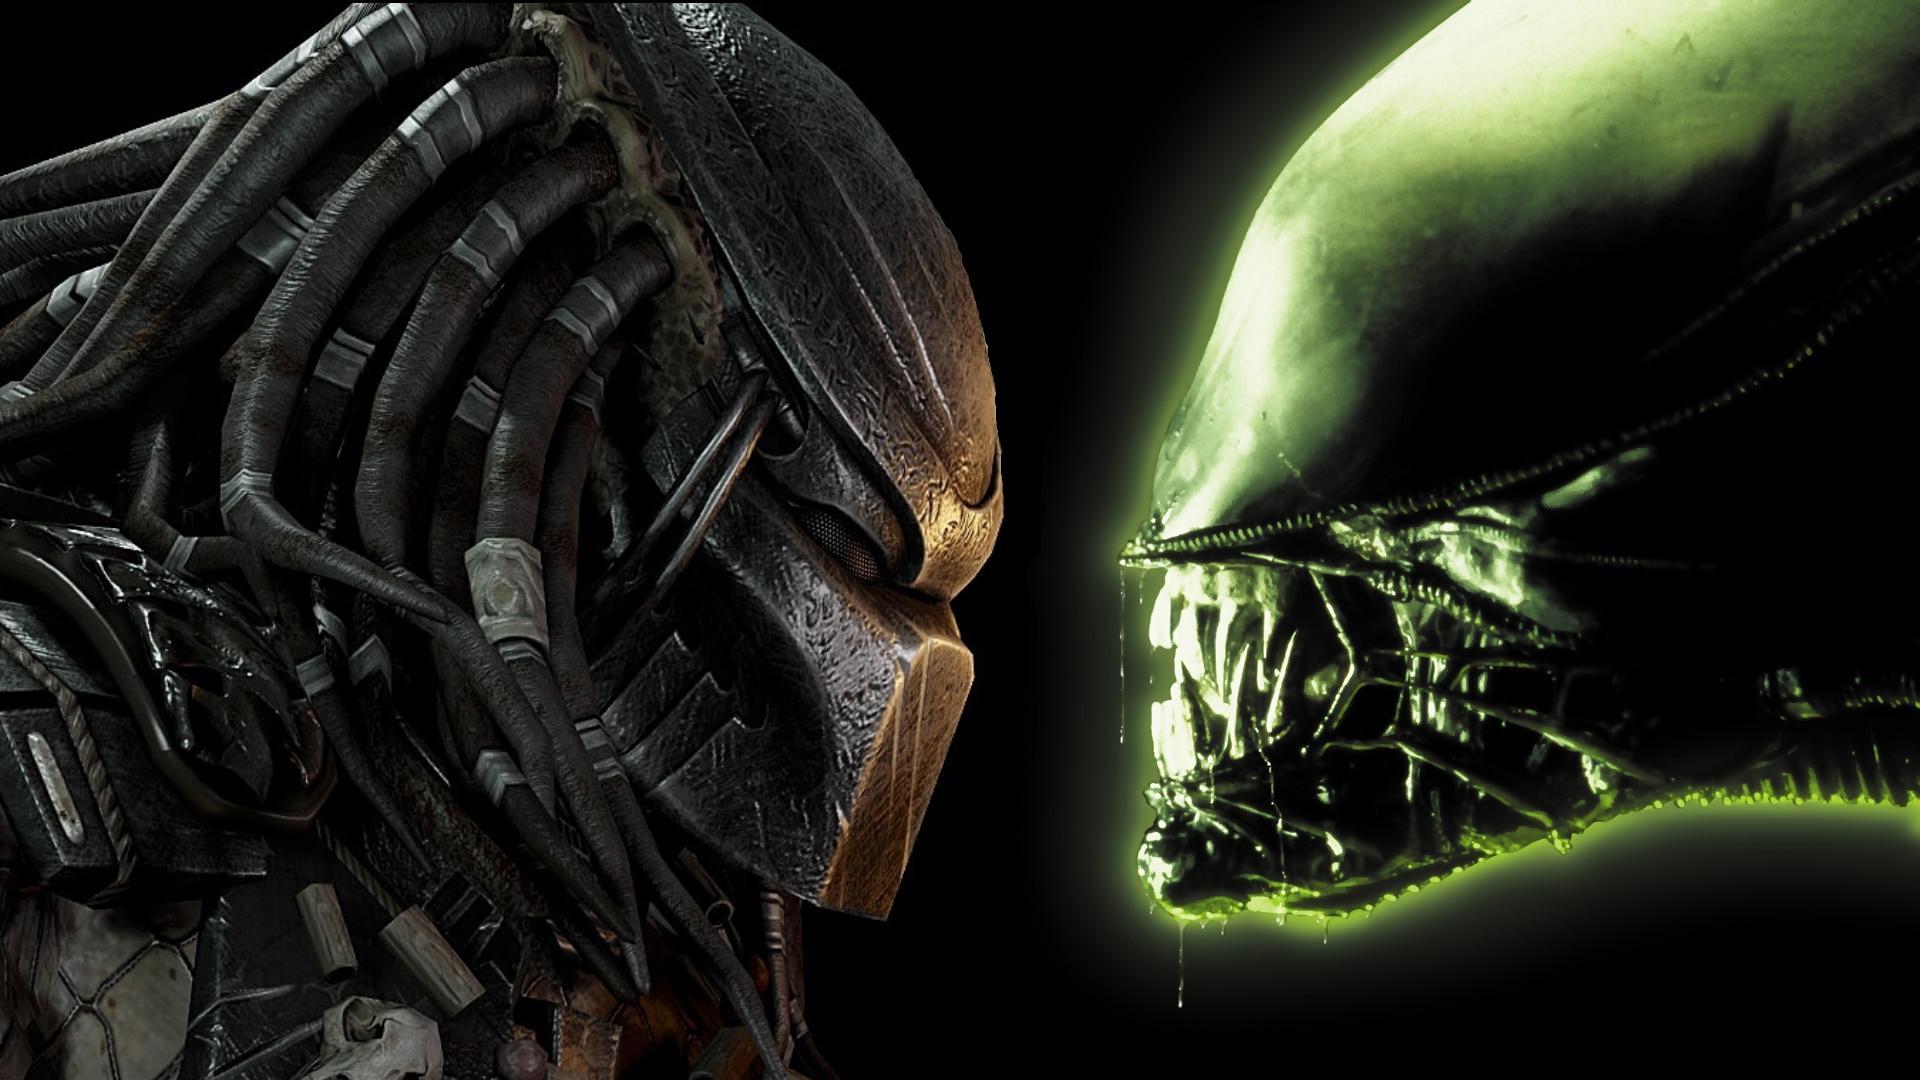 alien vs predator full game free